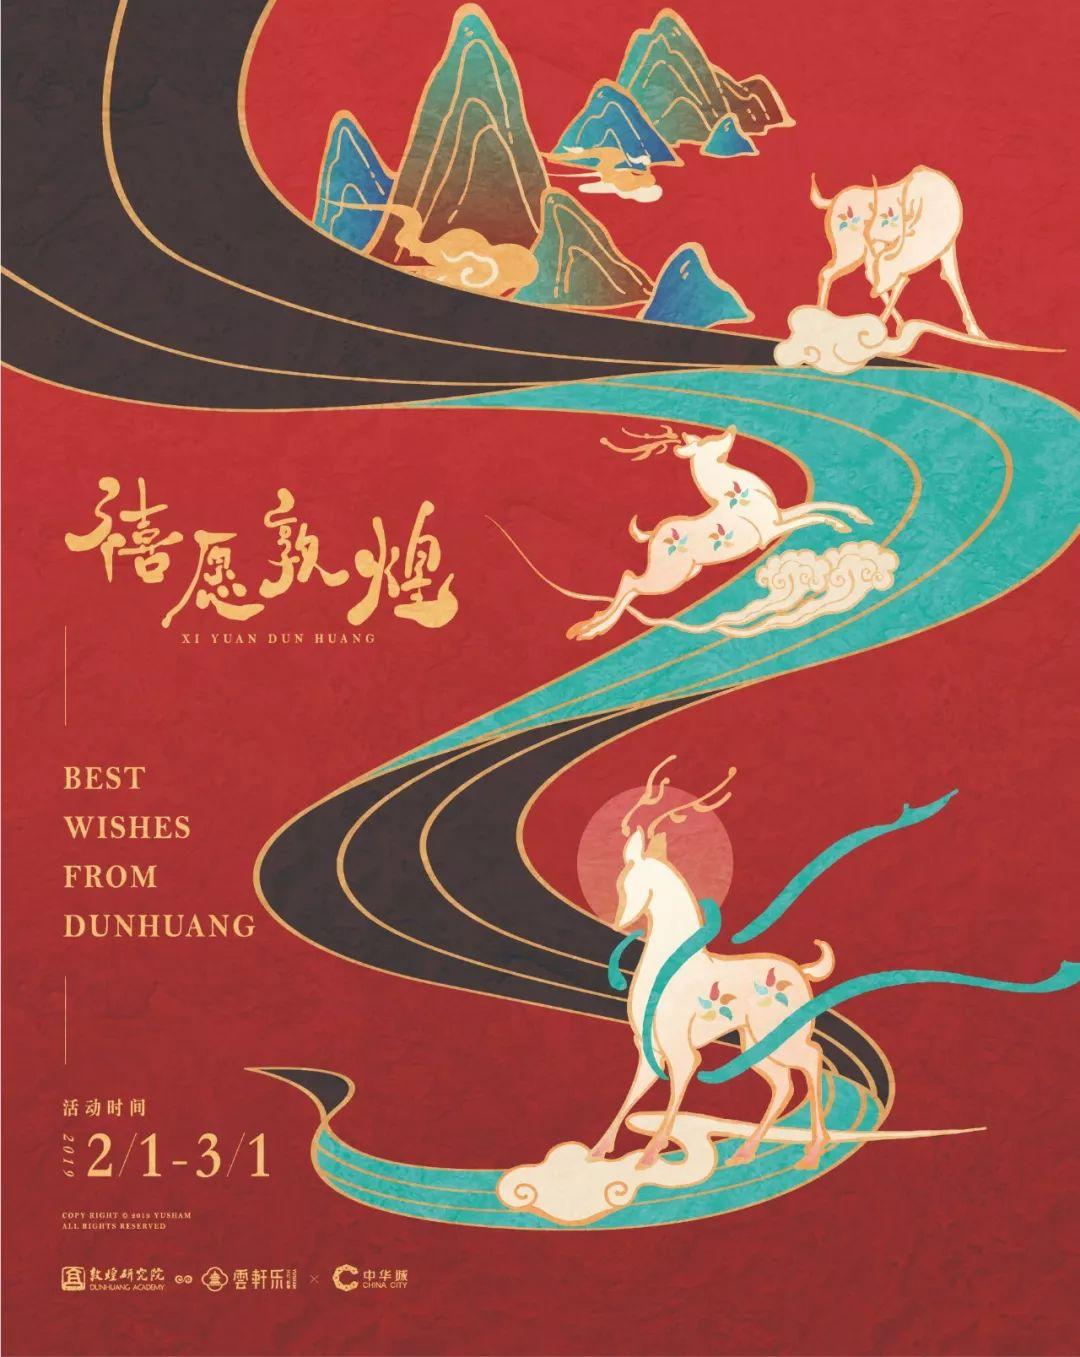 2019厦门中华城『禧愿敦煌』敦煌文化新春巡礼